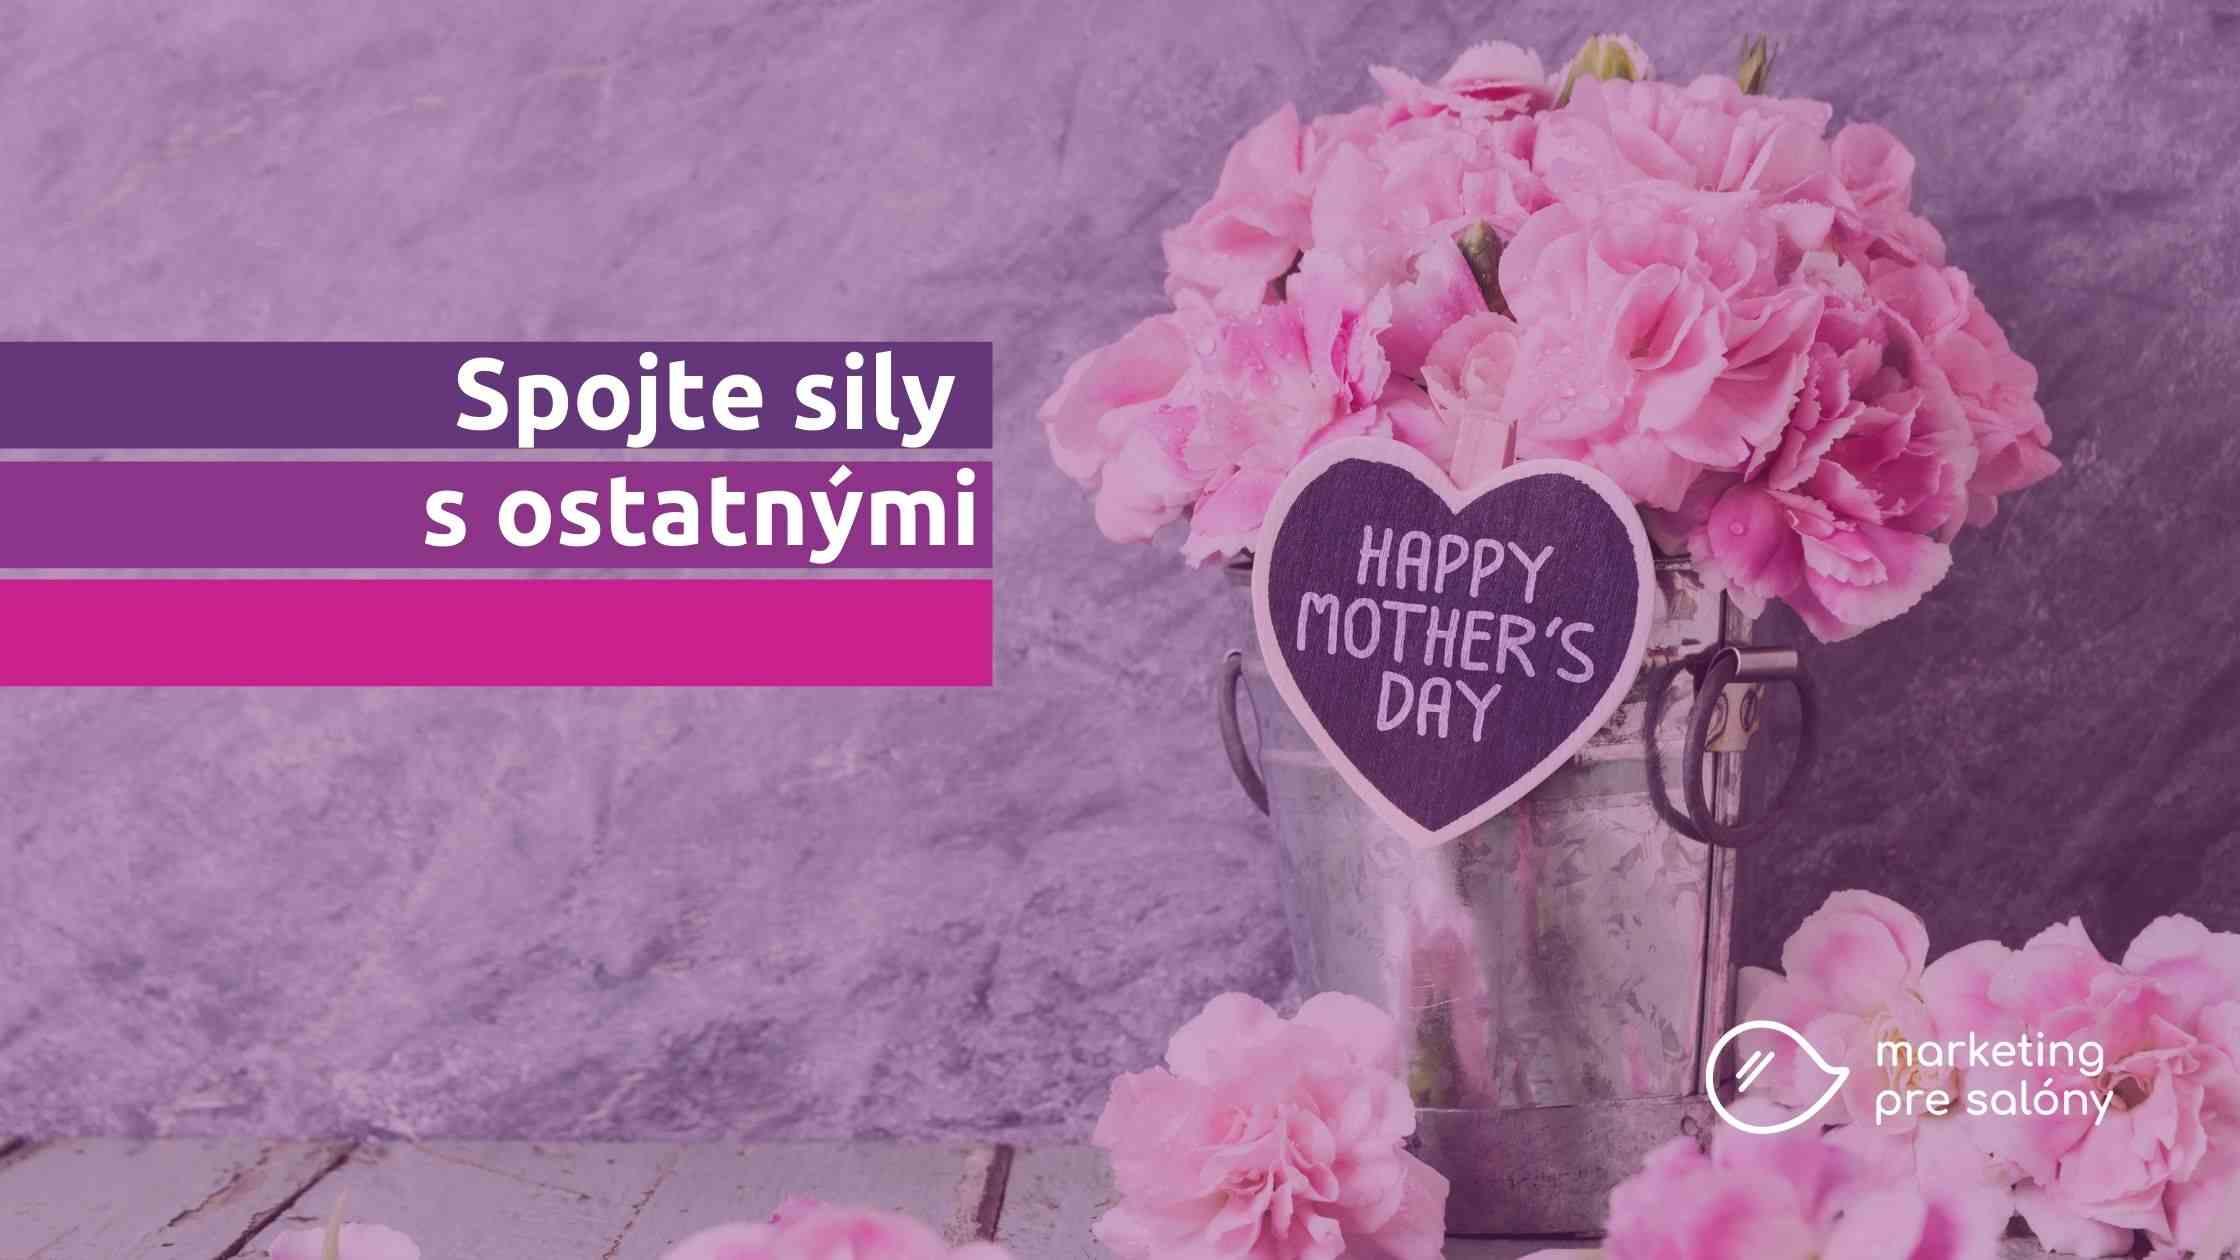 Spojte sily s ostatnými predajcami a vytvorte darček ku Dňu matiek